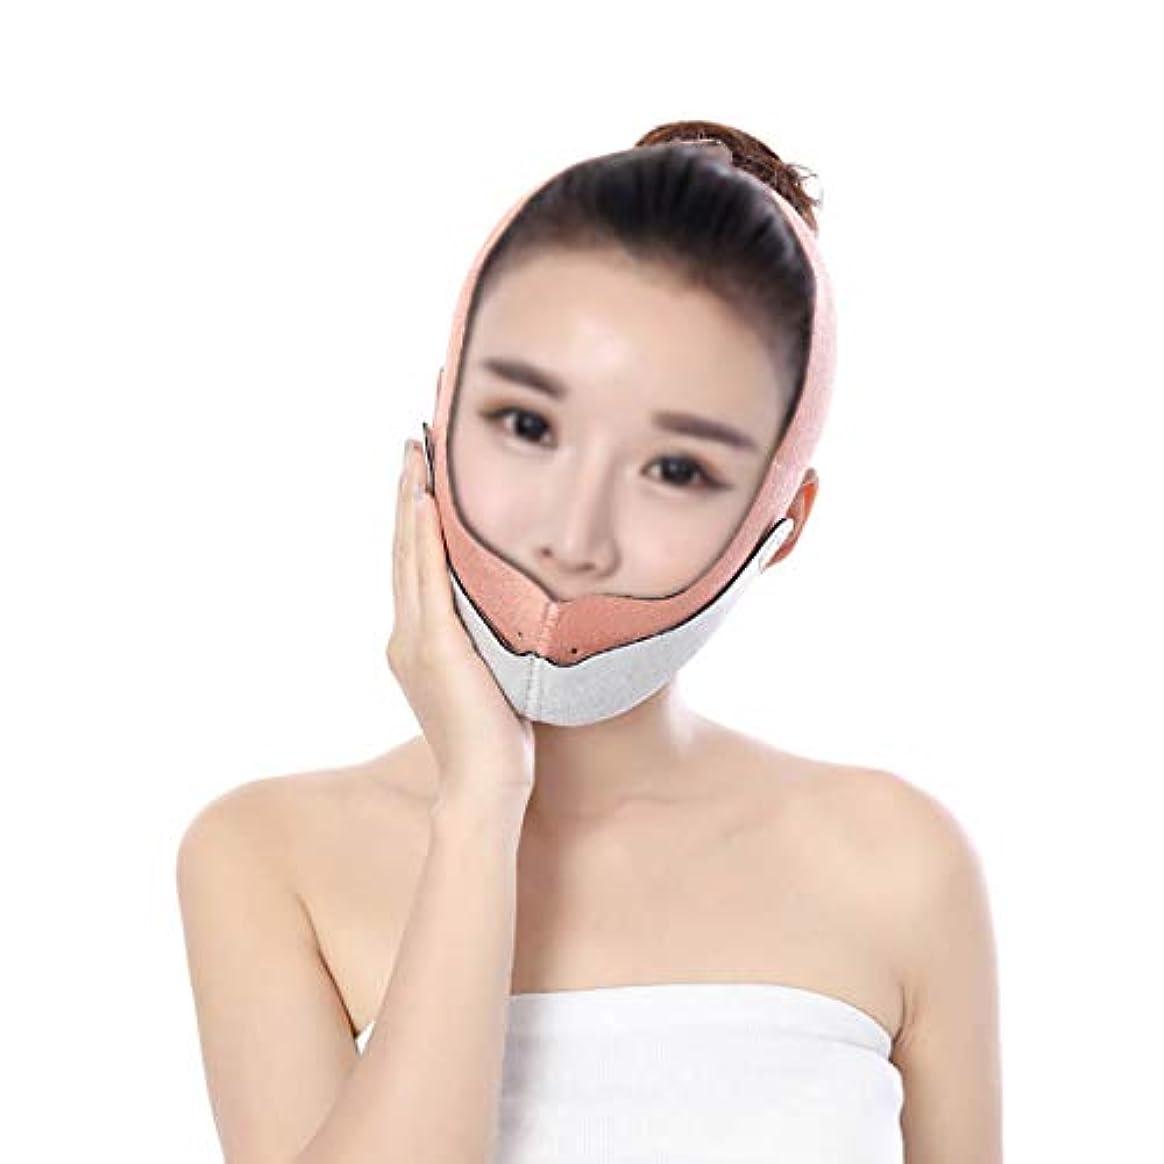 悪行なだめるふけるXHLMRMJ 引き締めフェイスマスク、フェイスリフティングアーティファクト修正フェイスリフティングベルト垂れ防止包帯美容マスクマスクVフェイスクロスツール